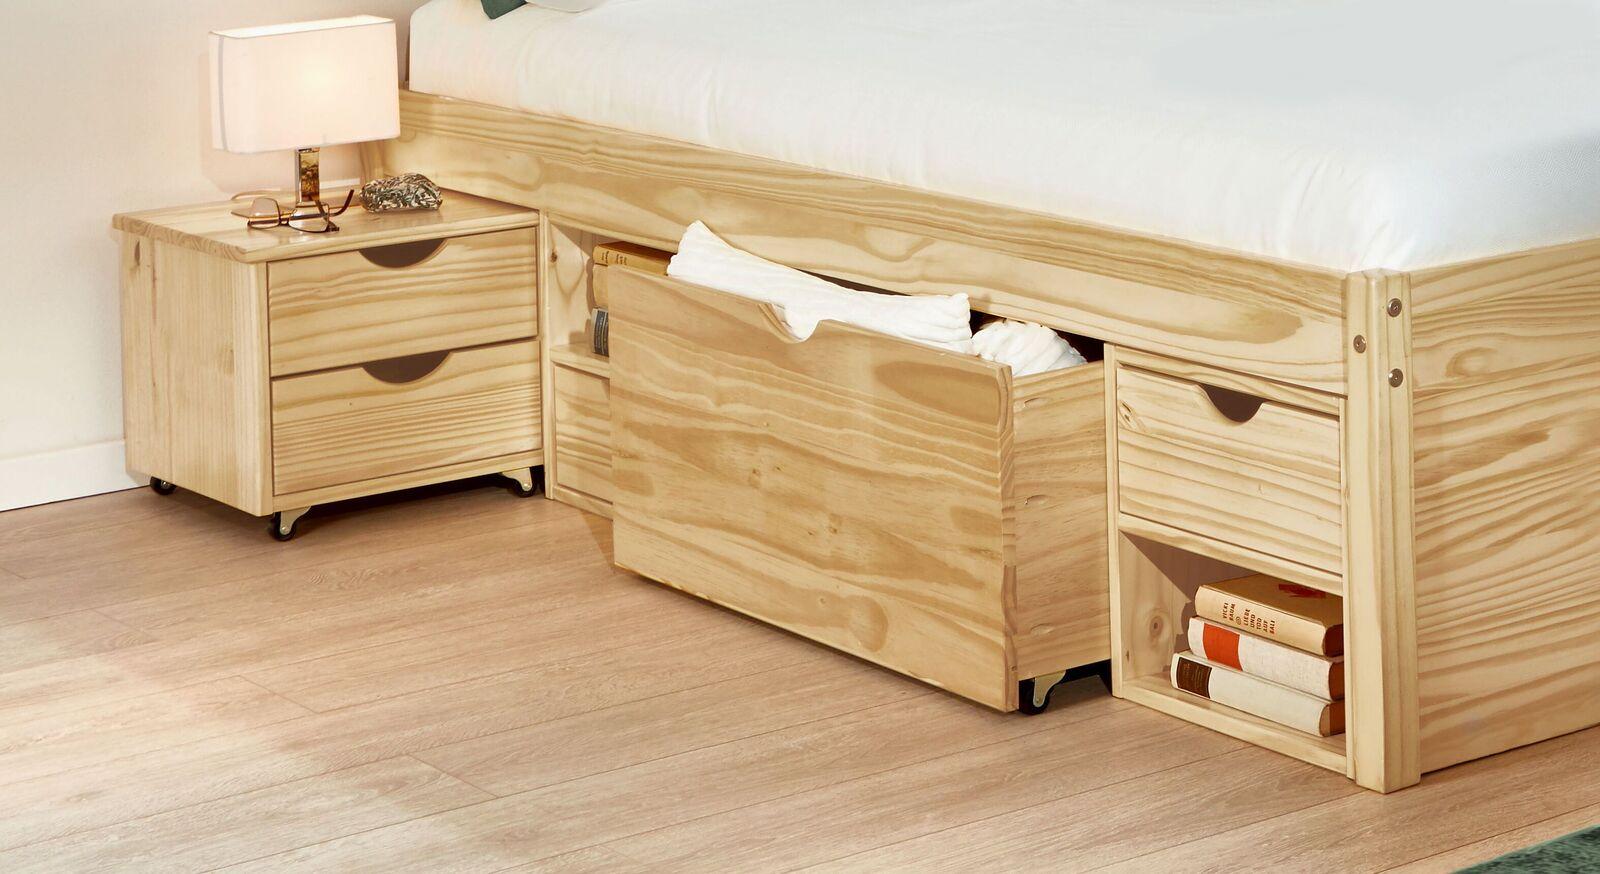 Schubkasten-Doppelbett Oslo in hochwertiger Verarbeitung